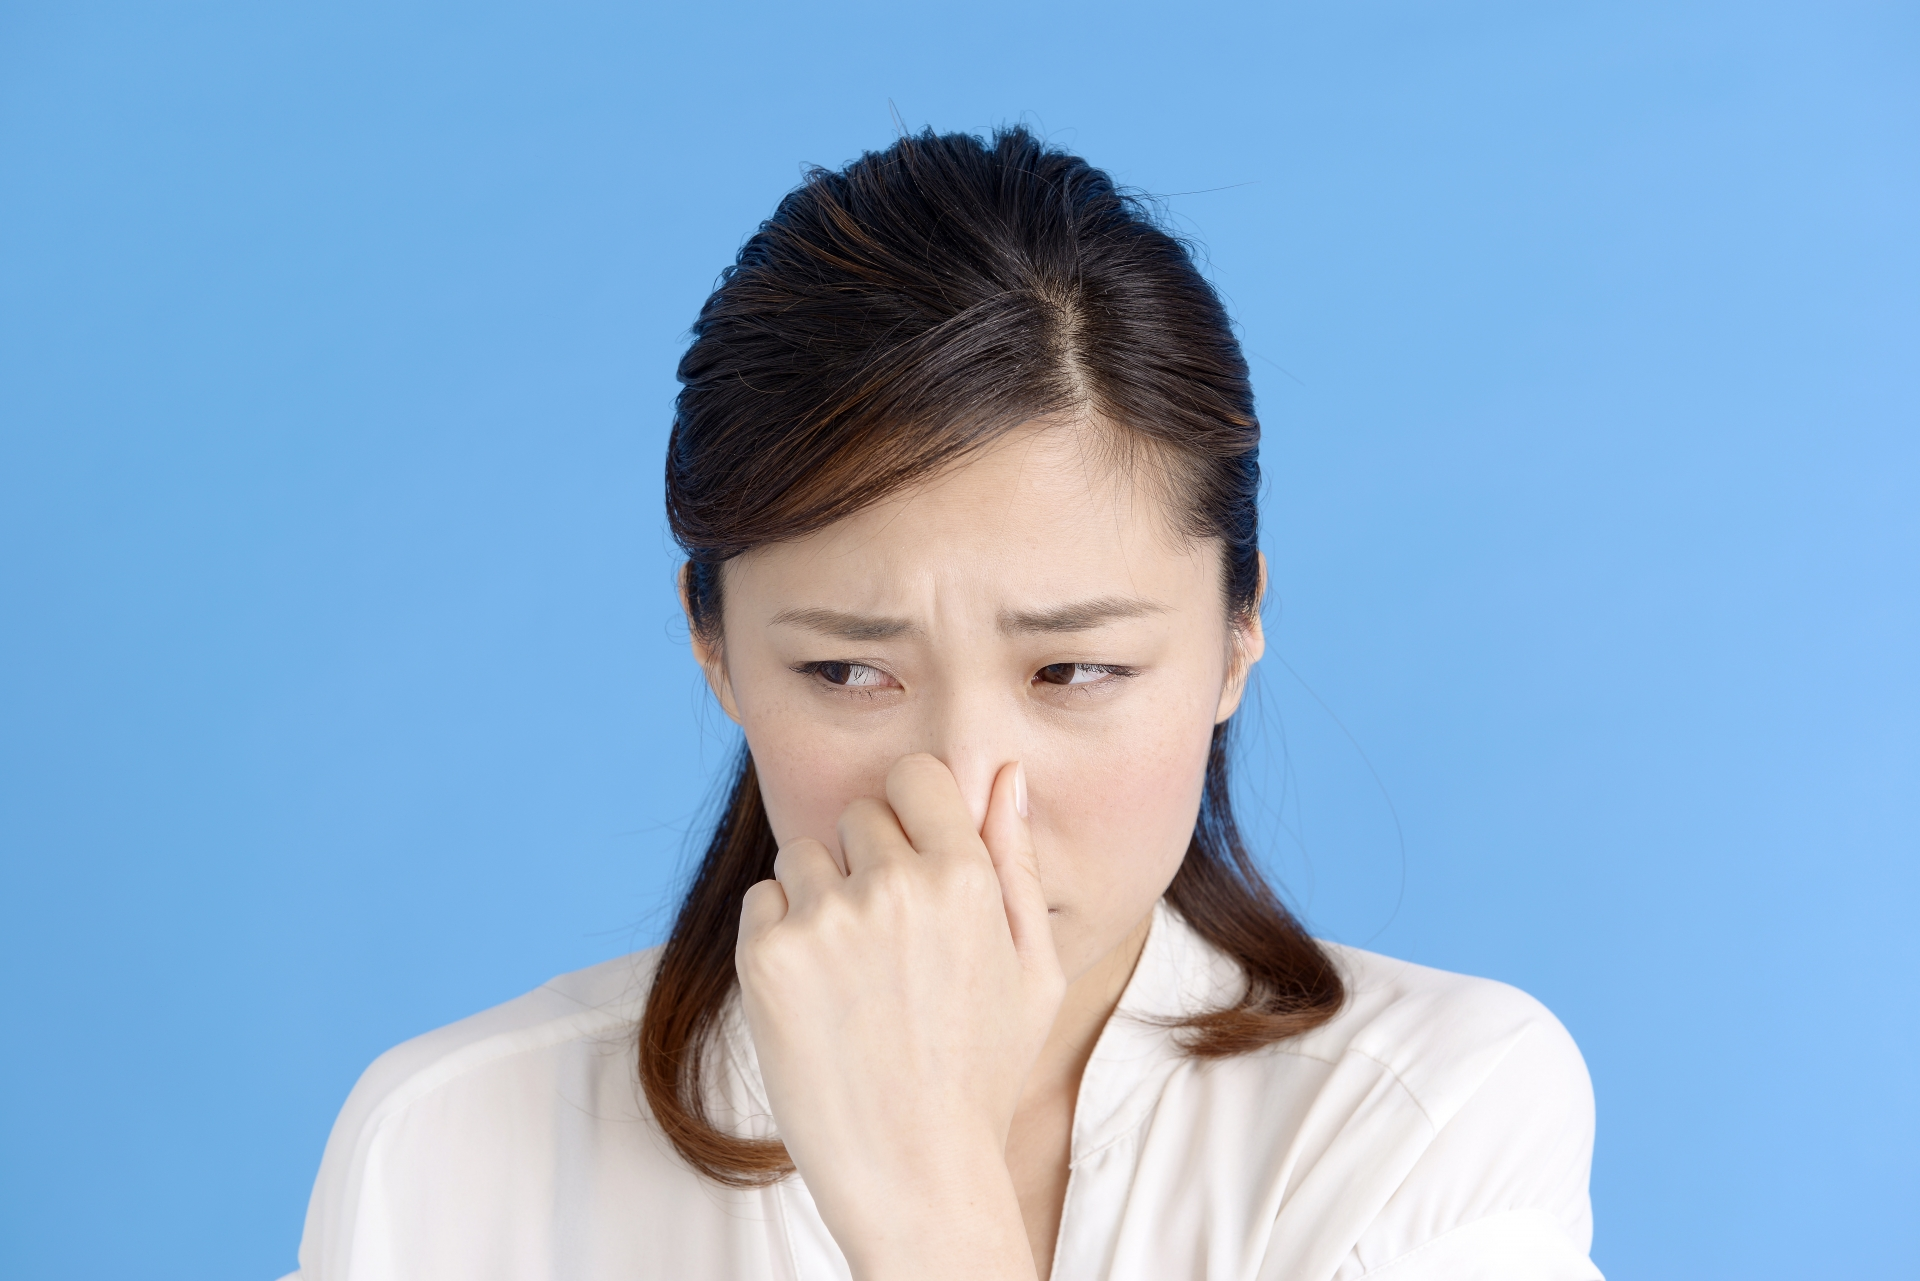 プロパンガスの臭いがしたら?原因と対処方法